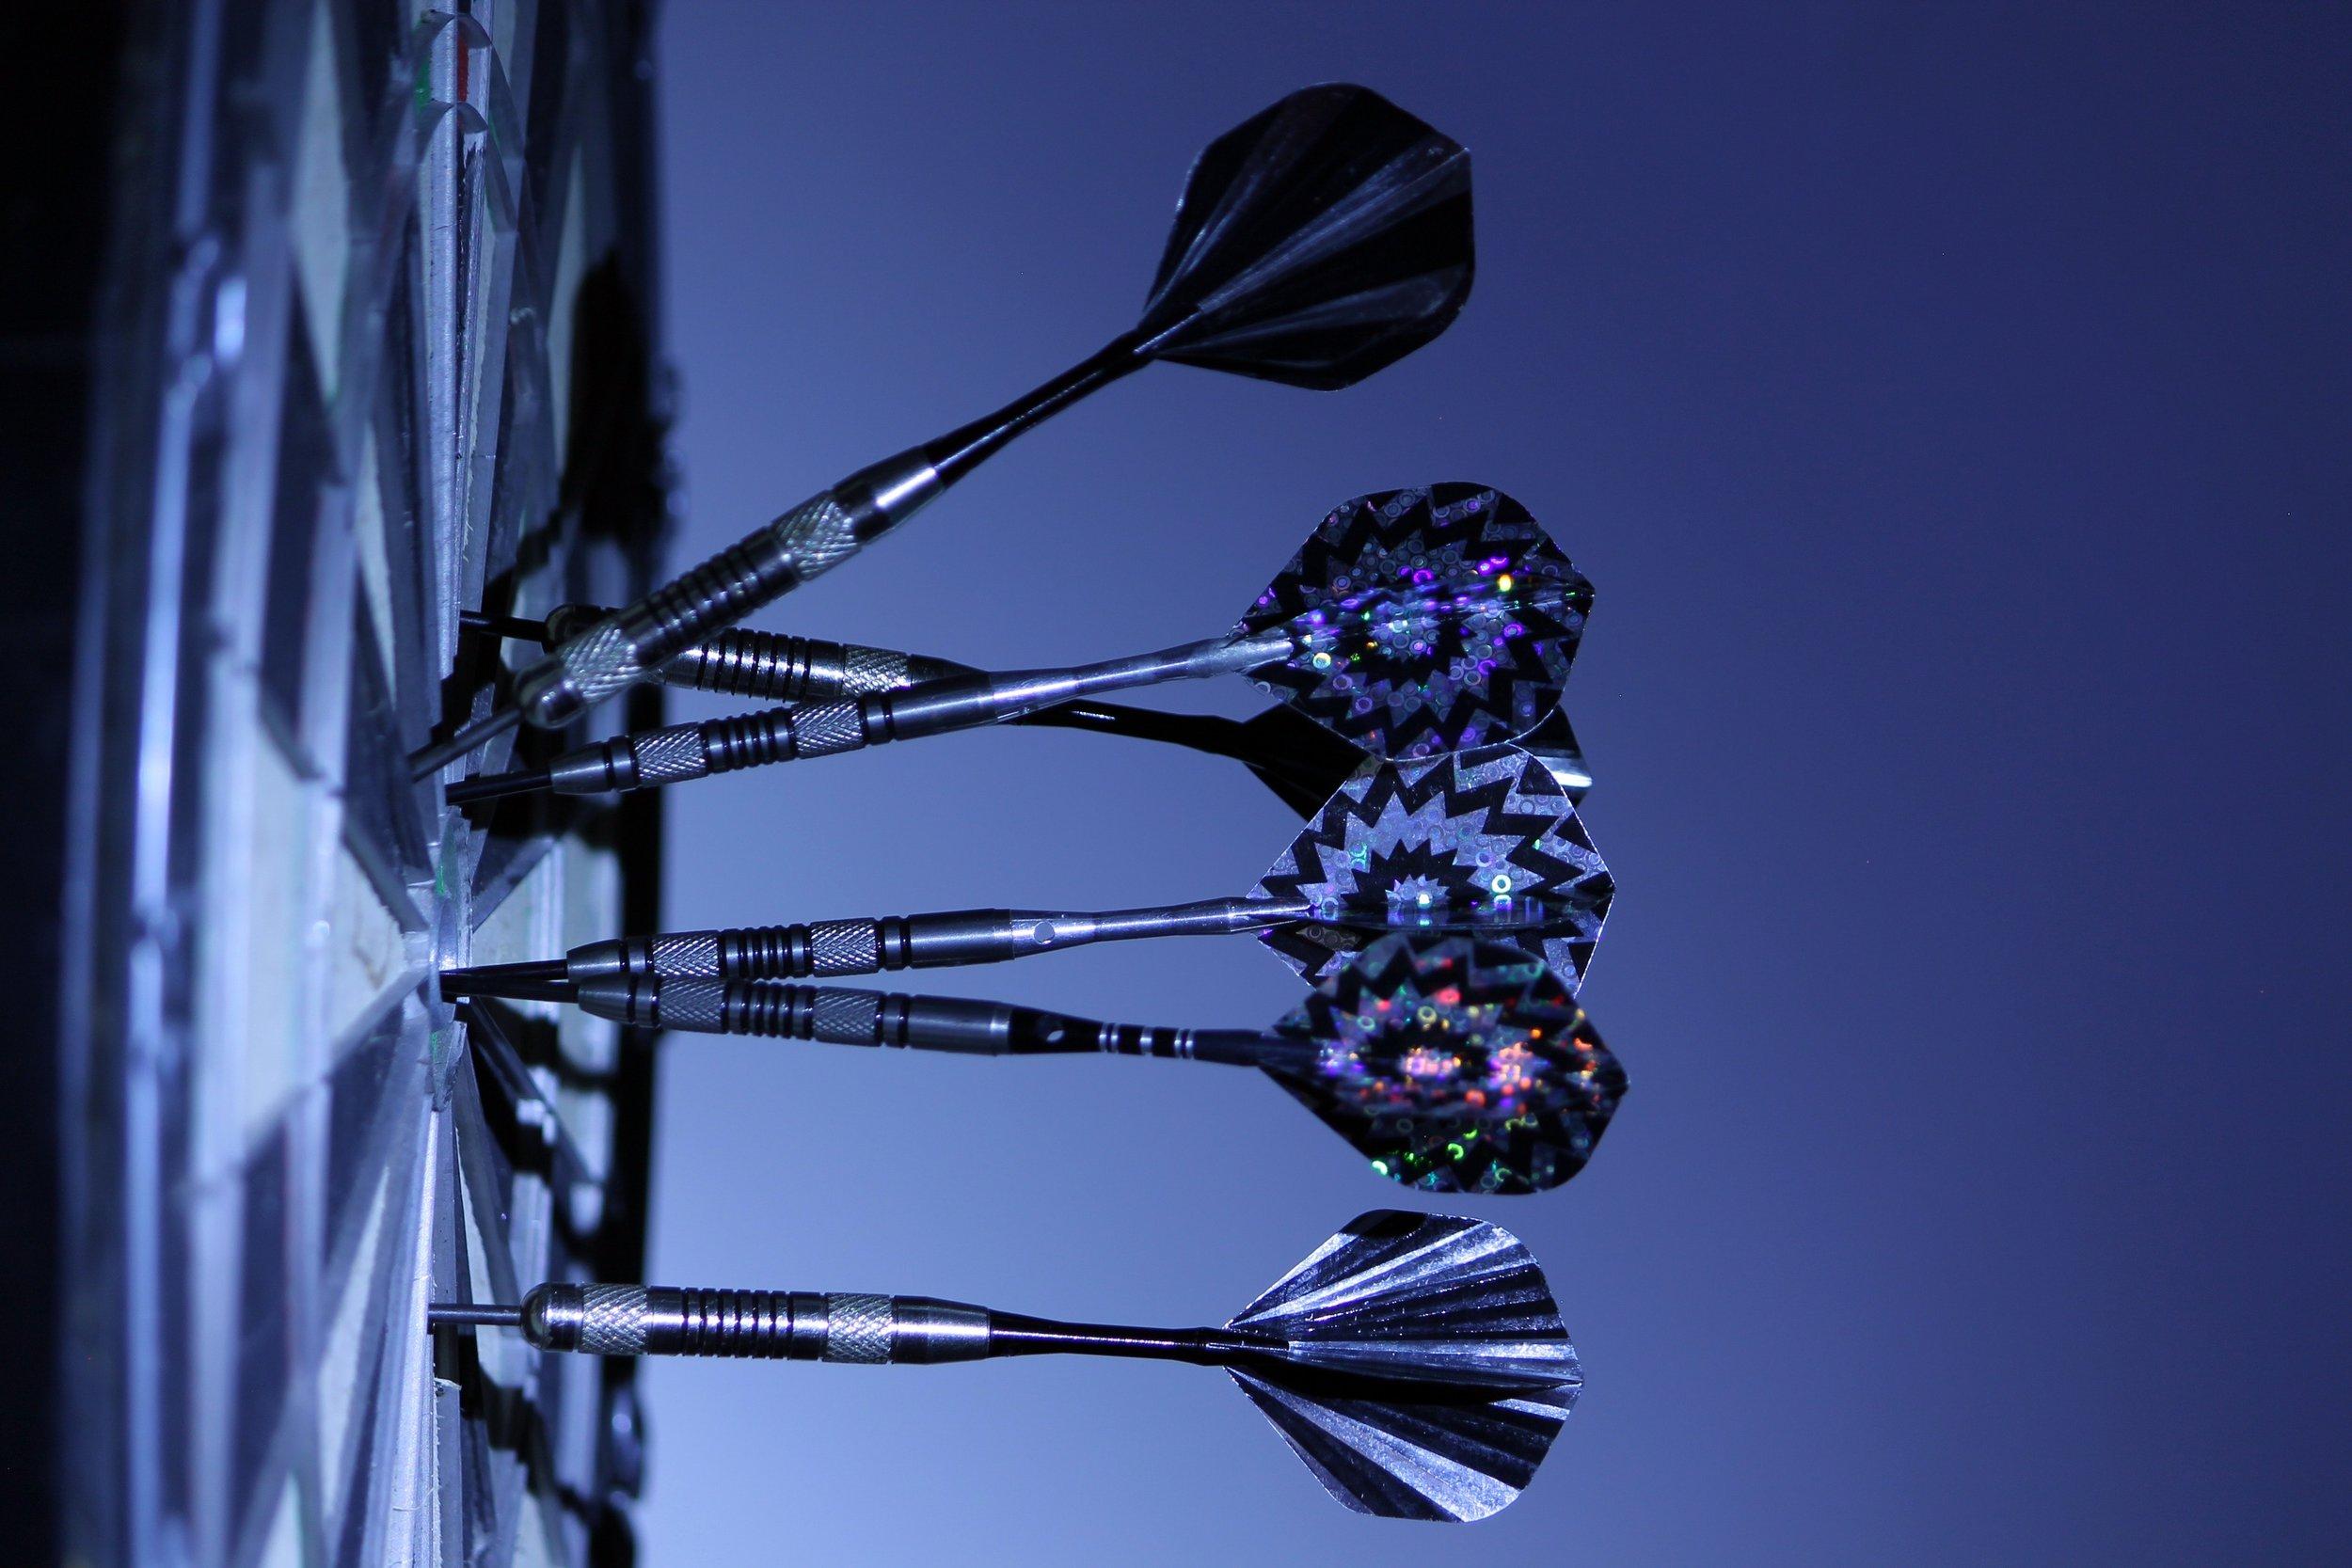 black-and-white-bull-s-eye-dartboard-70459.jpg